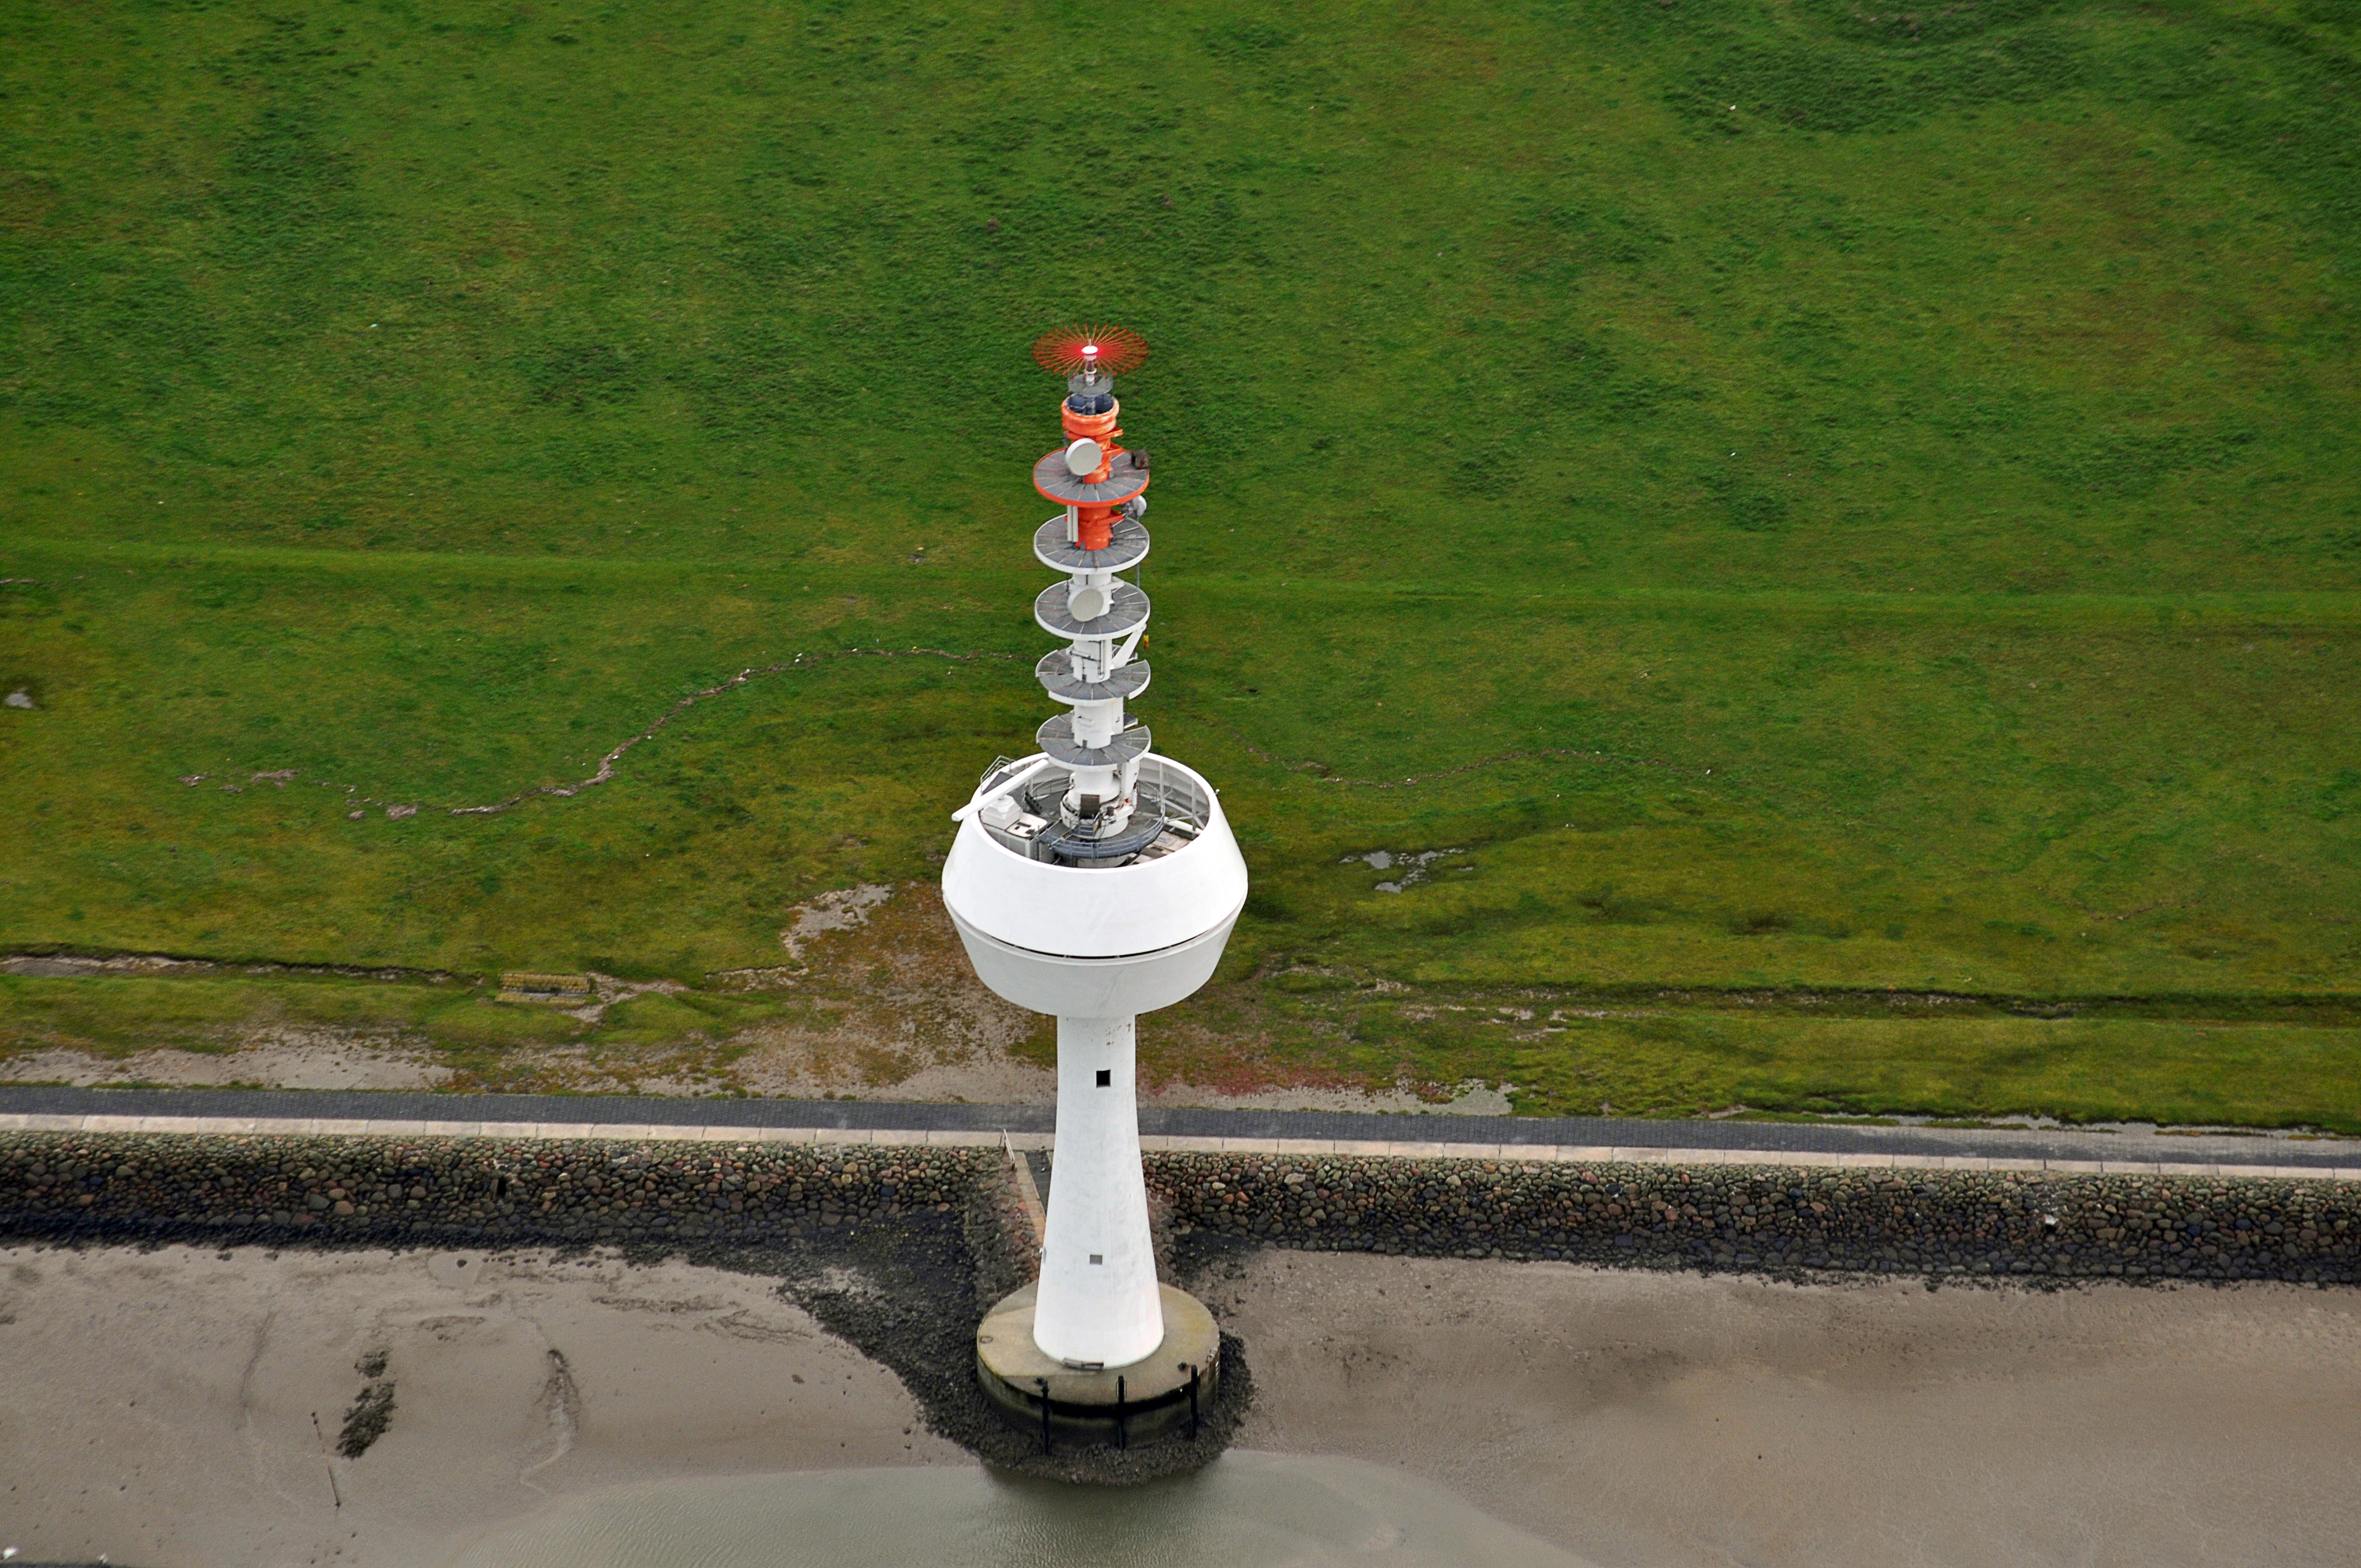 File:11-09-04-fotoflug-nordsee-by-RalfR-028.jpg - Wikimedia Commons